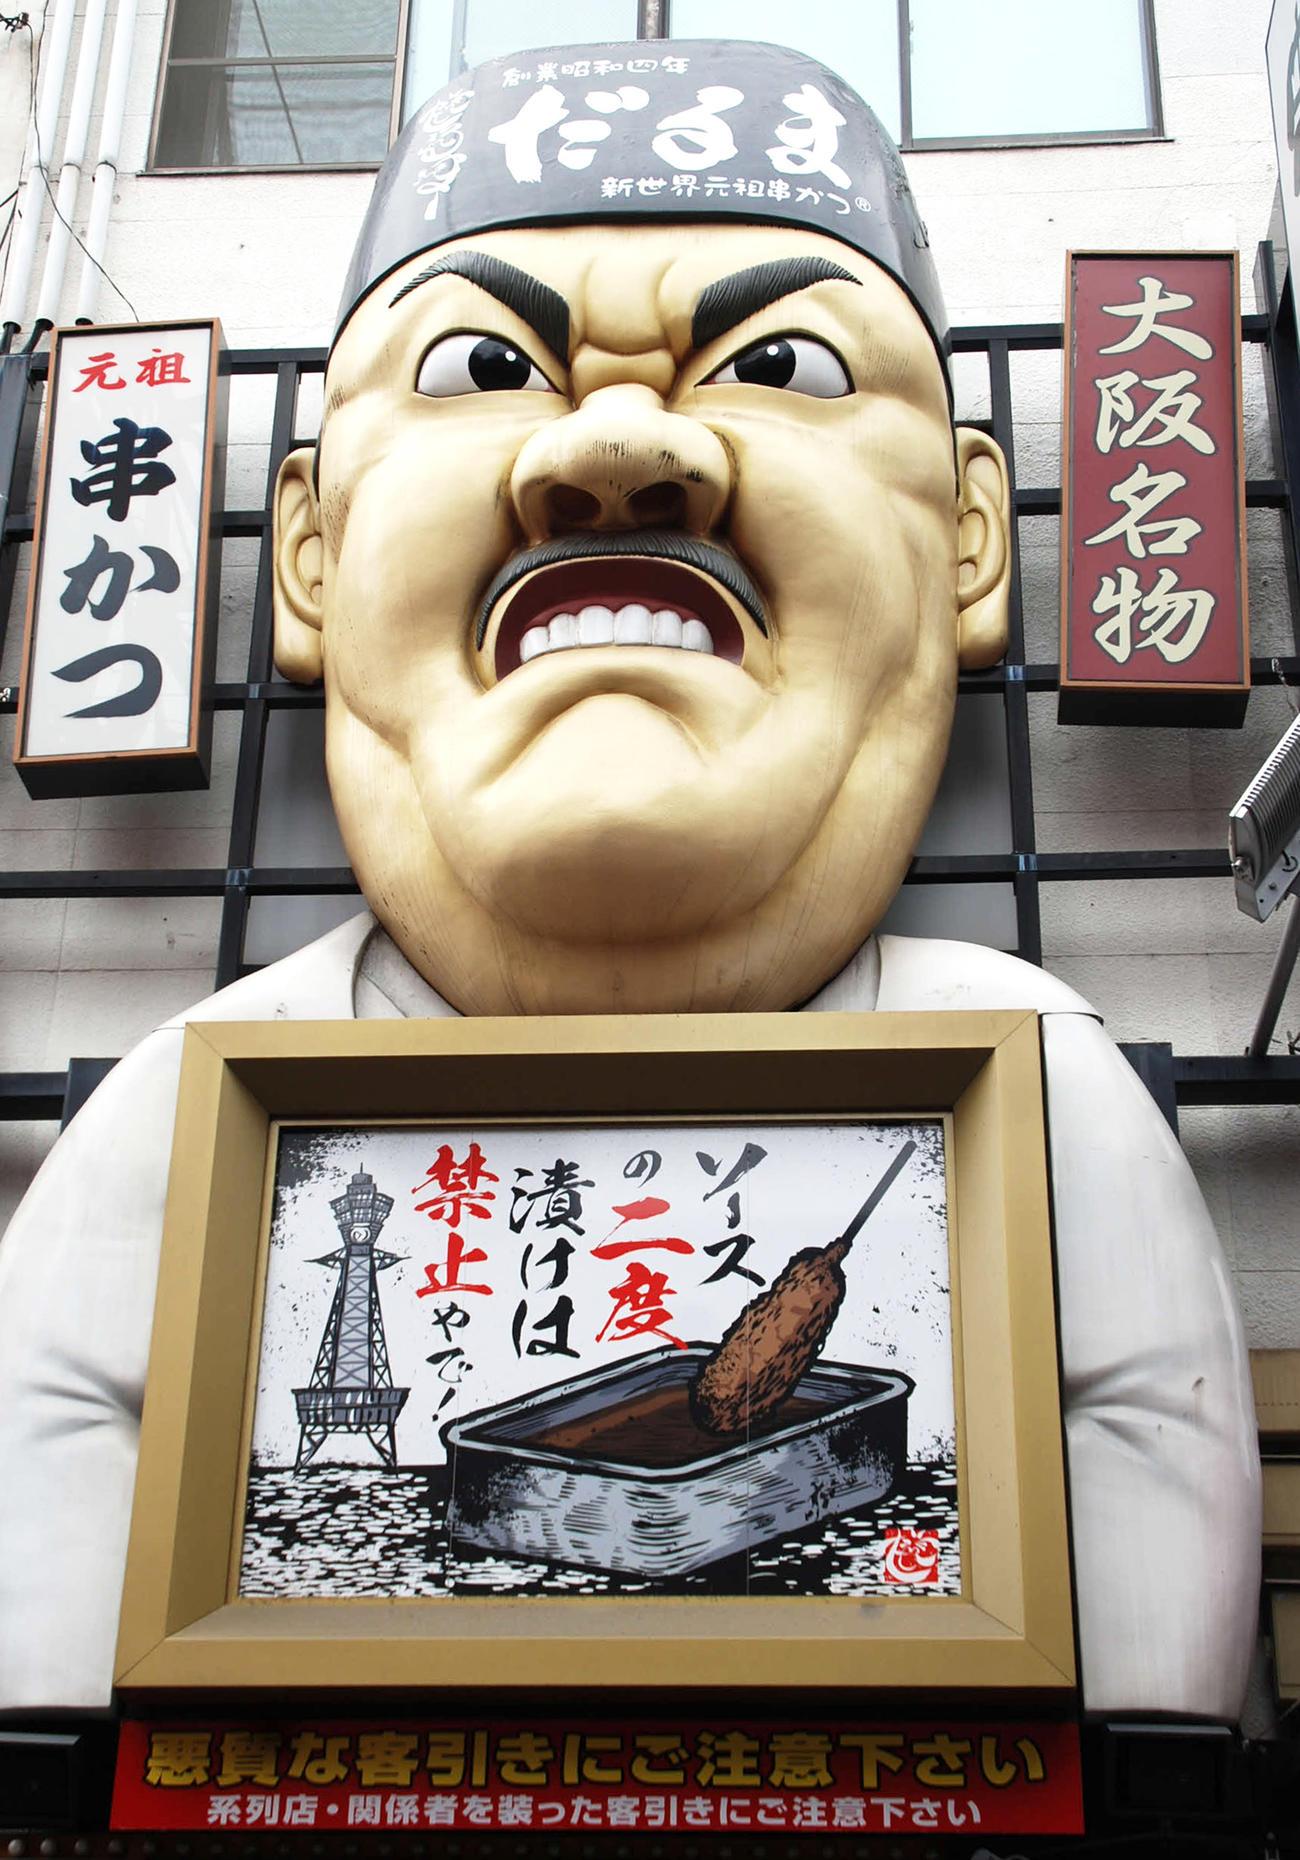 串カツ店「串かつだるま 道頓堀店」では、こわもての職人をイメージしたマスコット人形が客を出迎える(撮影・松浦隆司)